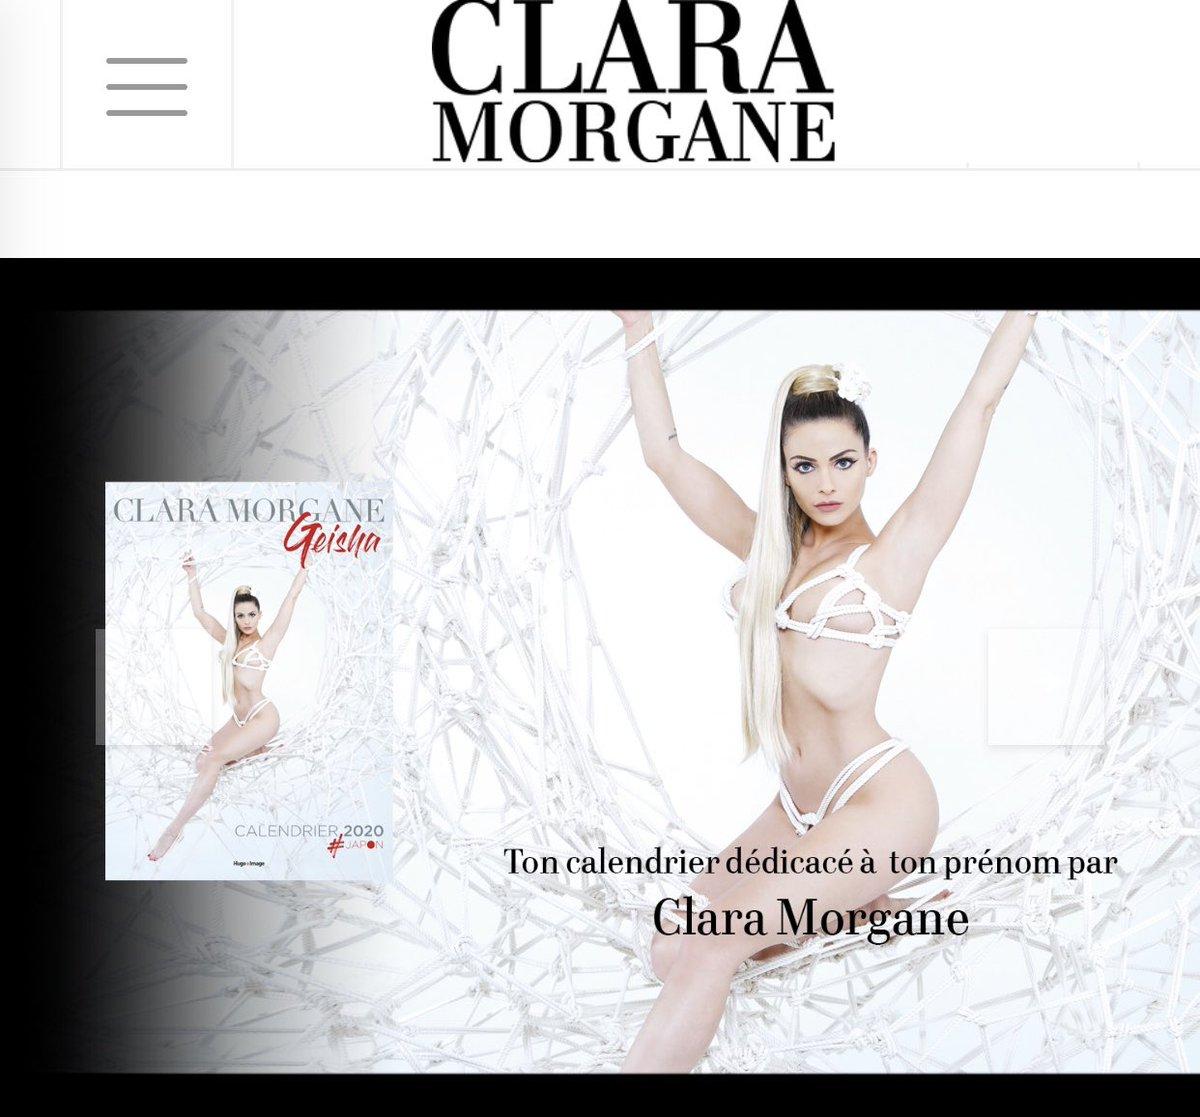 Calendrier 2020 De Clara Morgane.Media Tweets By Clara Morgane Claramofficiel Twitter